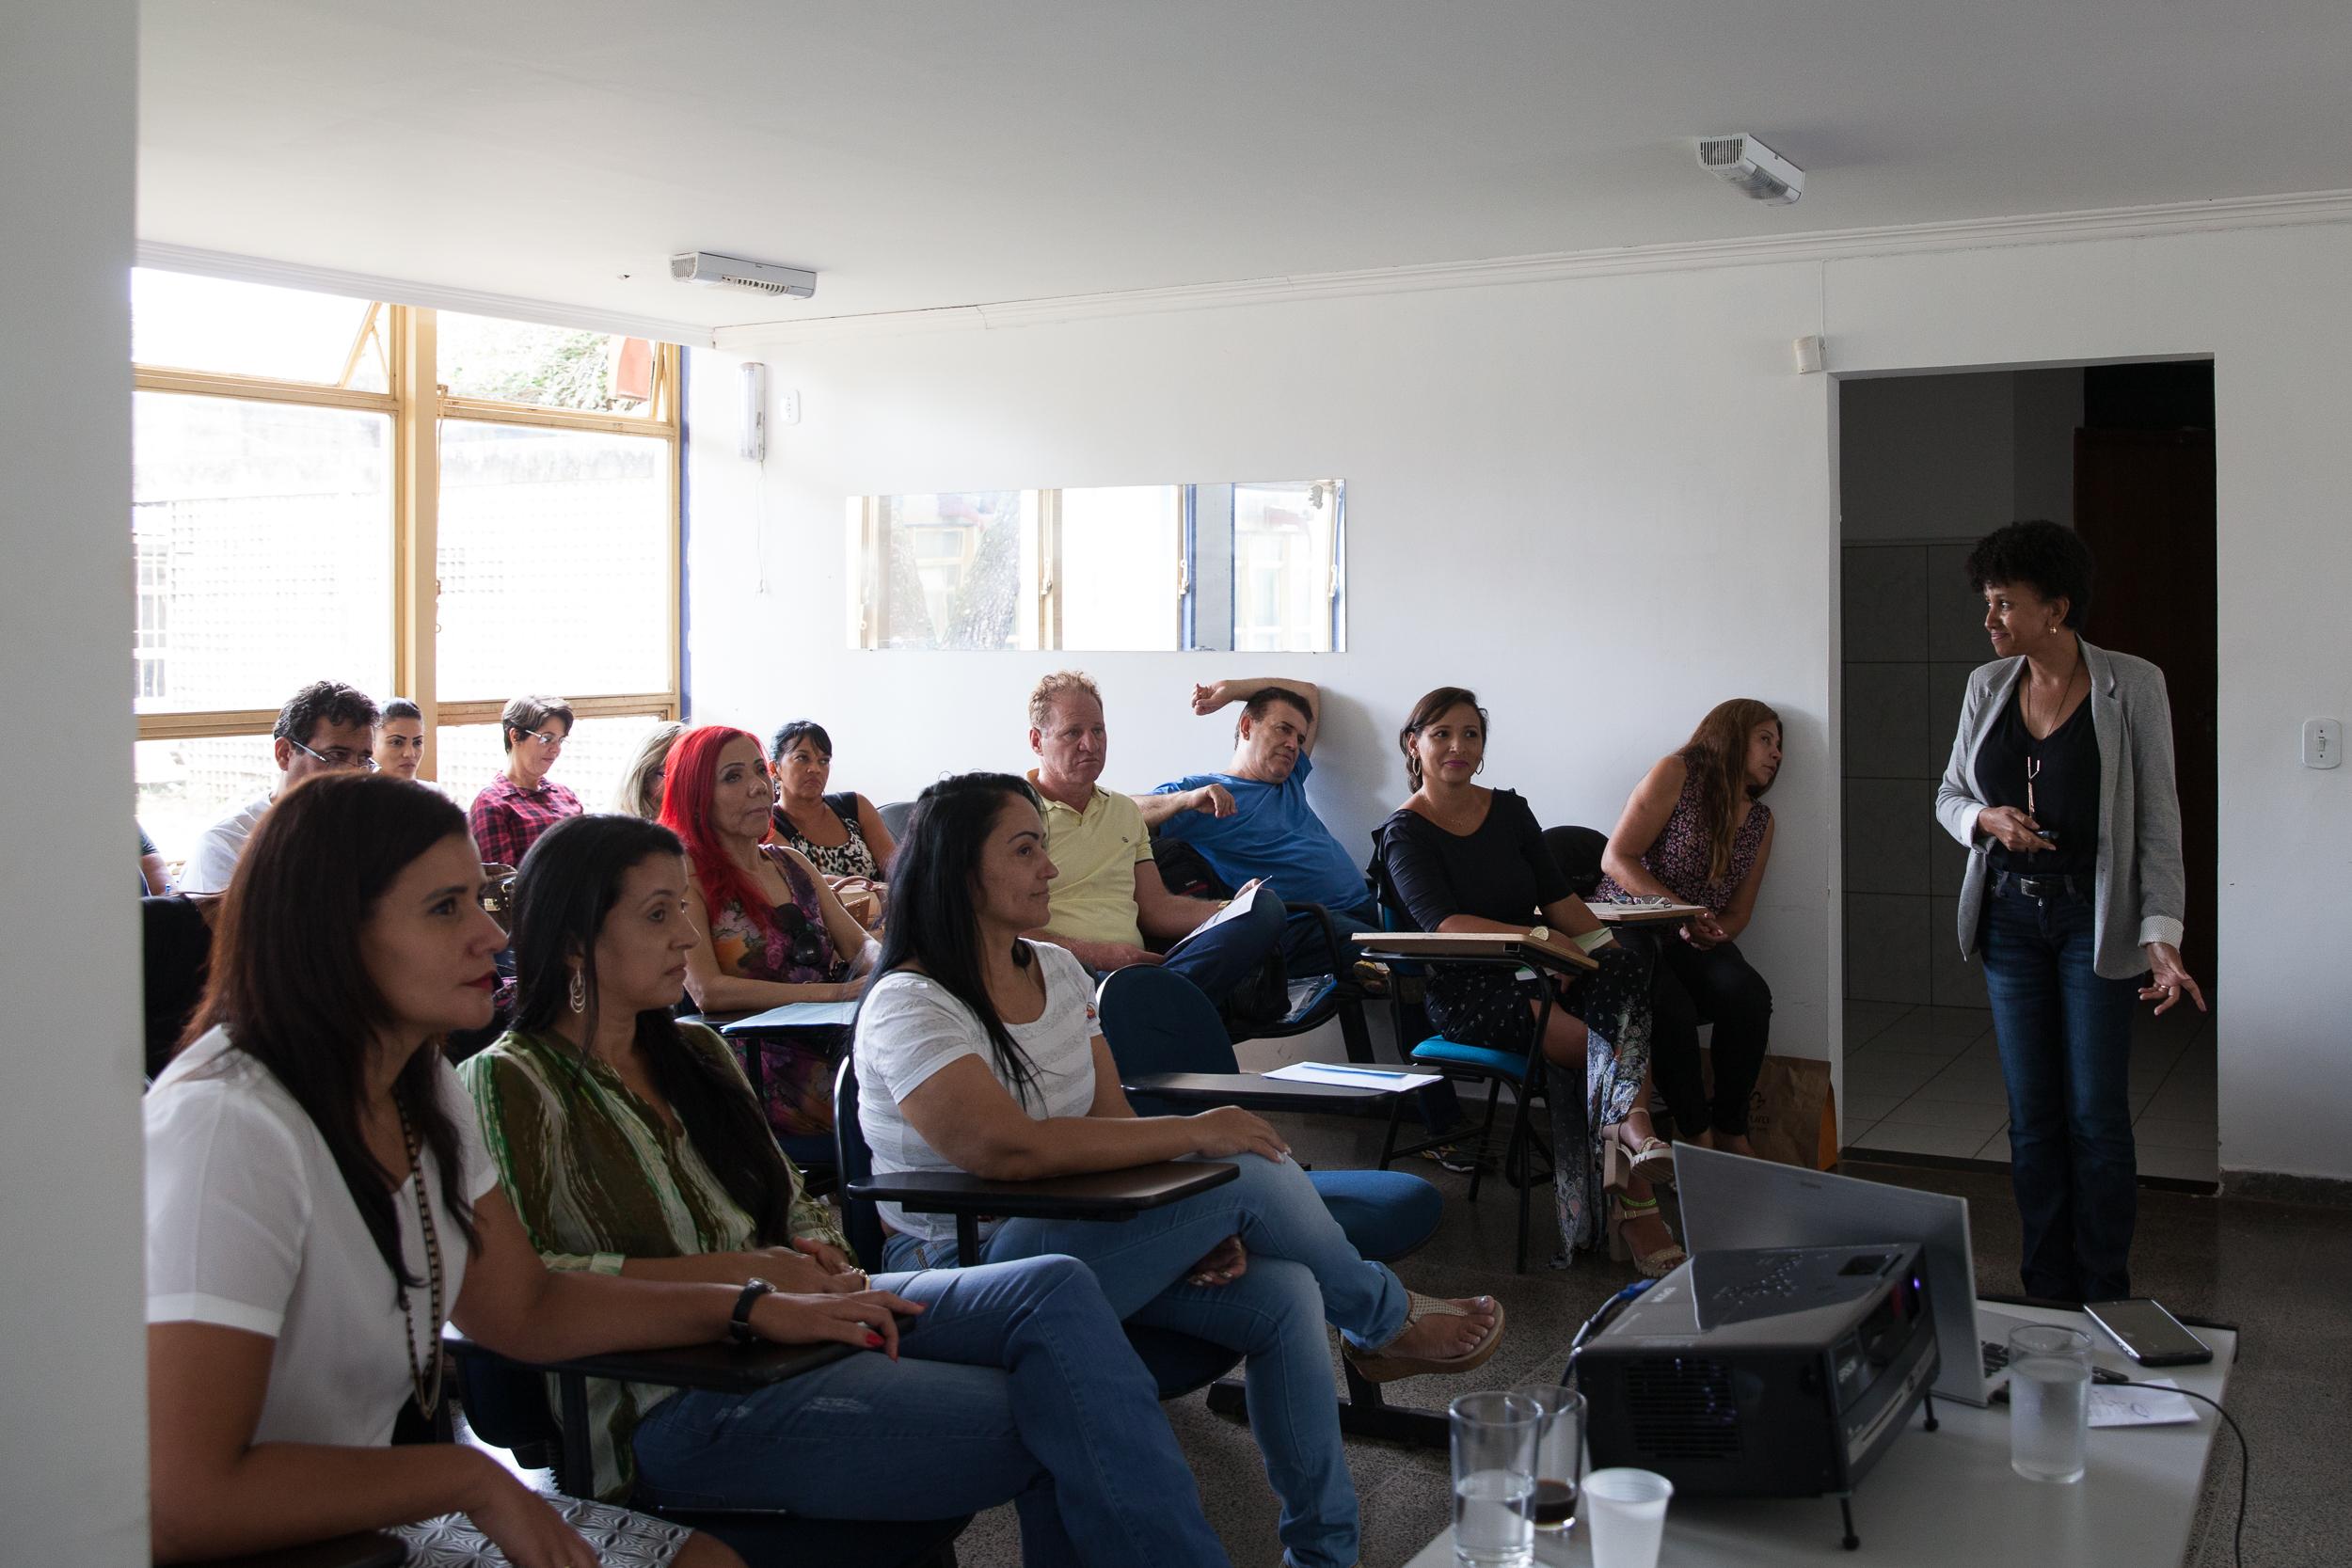 Mulher negra de cabelos curtos e encaracolados, usando calça jeans, tayer cinza e camisa preta, está caminhando e gesticulando na frente de uma turma de pessoas adultas, todas sentadas, que assistem à sua aula.